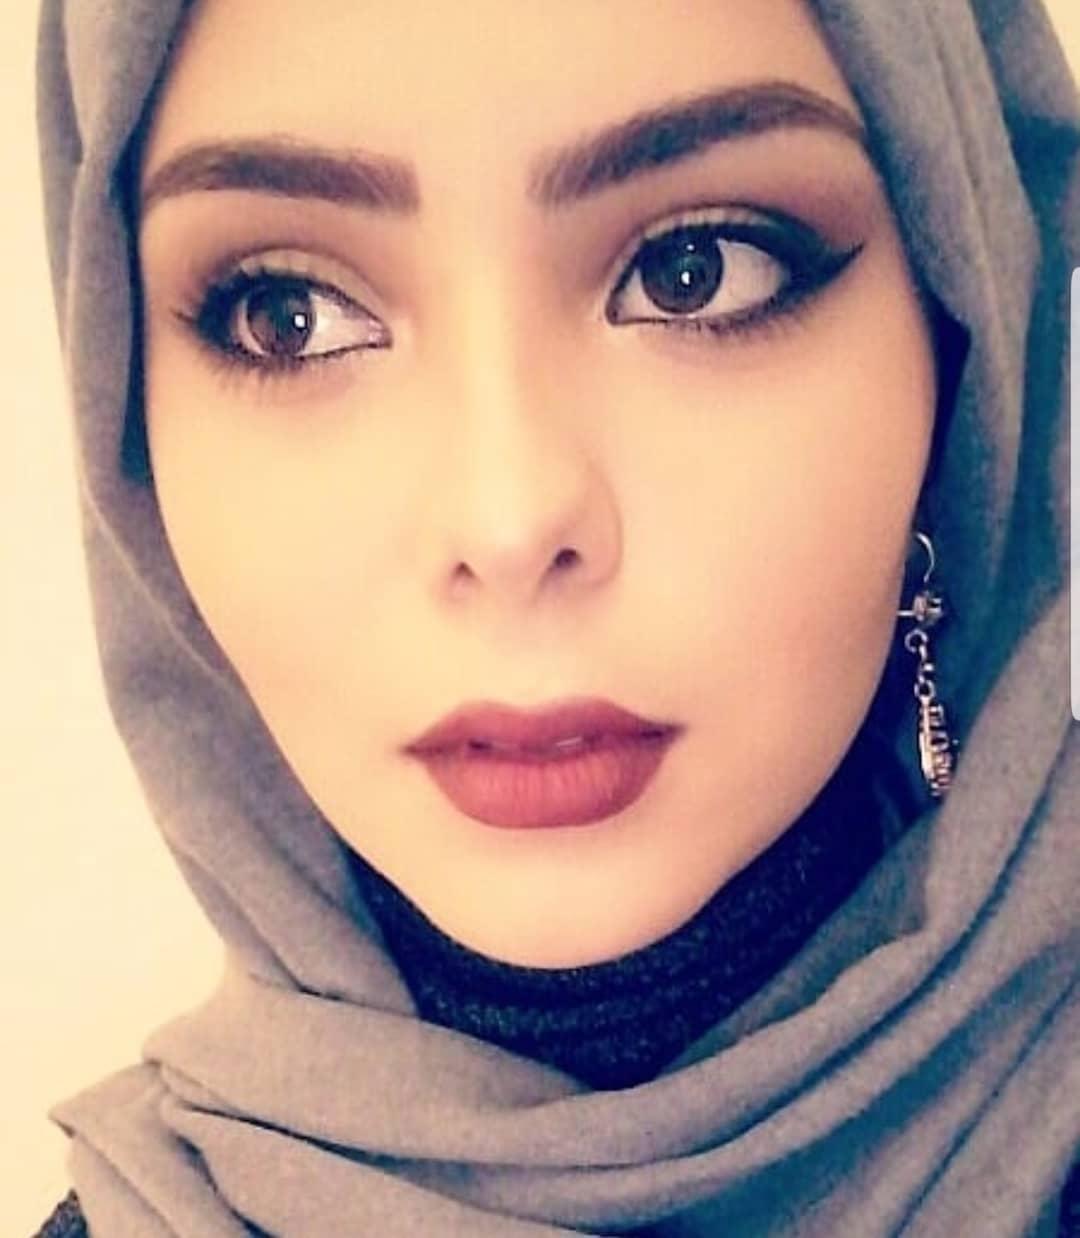 بالصور بنات كيوت محجبات , الحجاب واحدث صيحاته مع البنات الجمال 5461 7